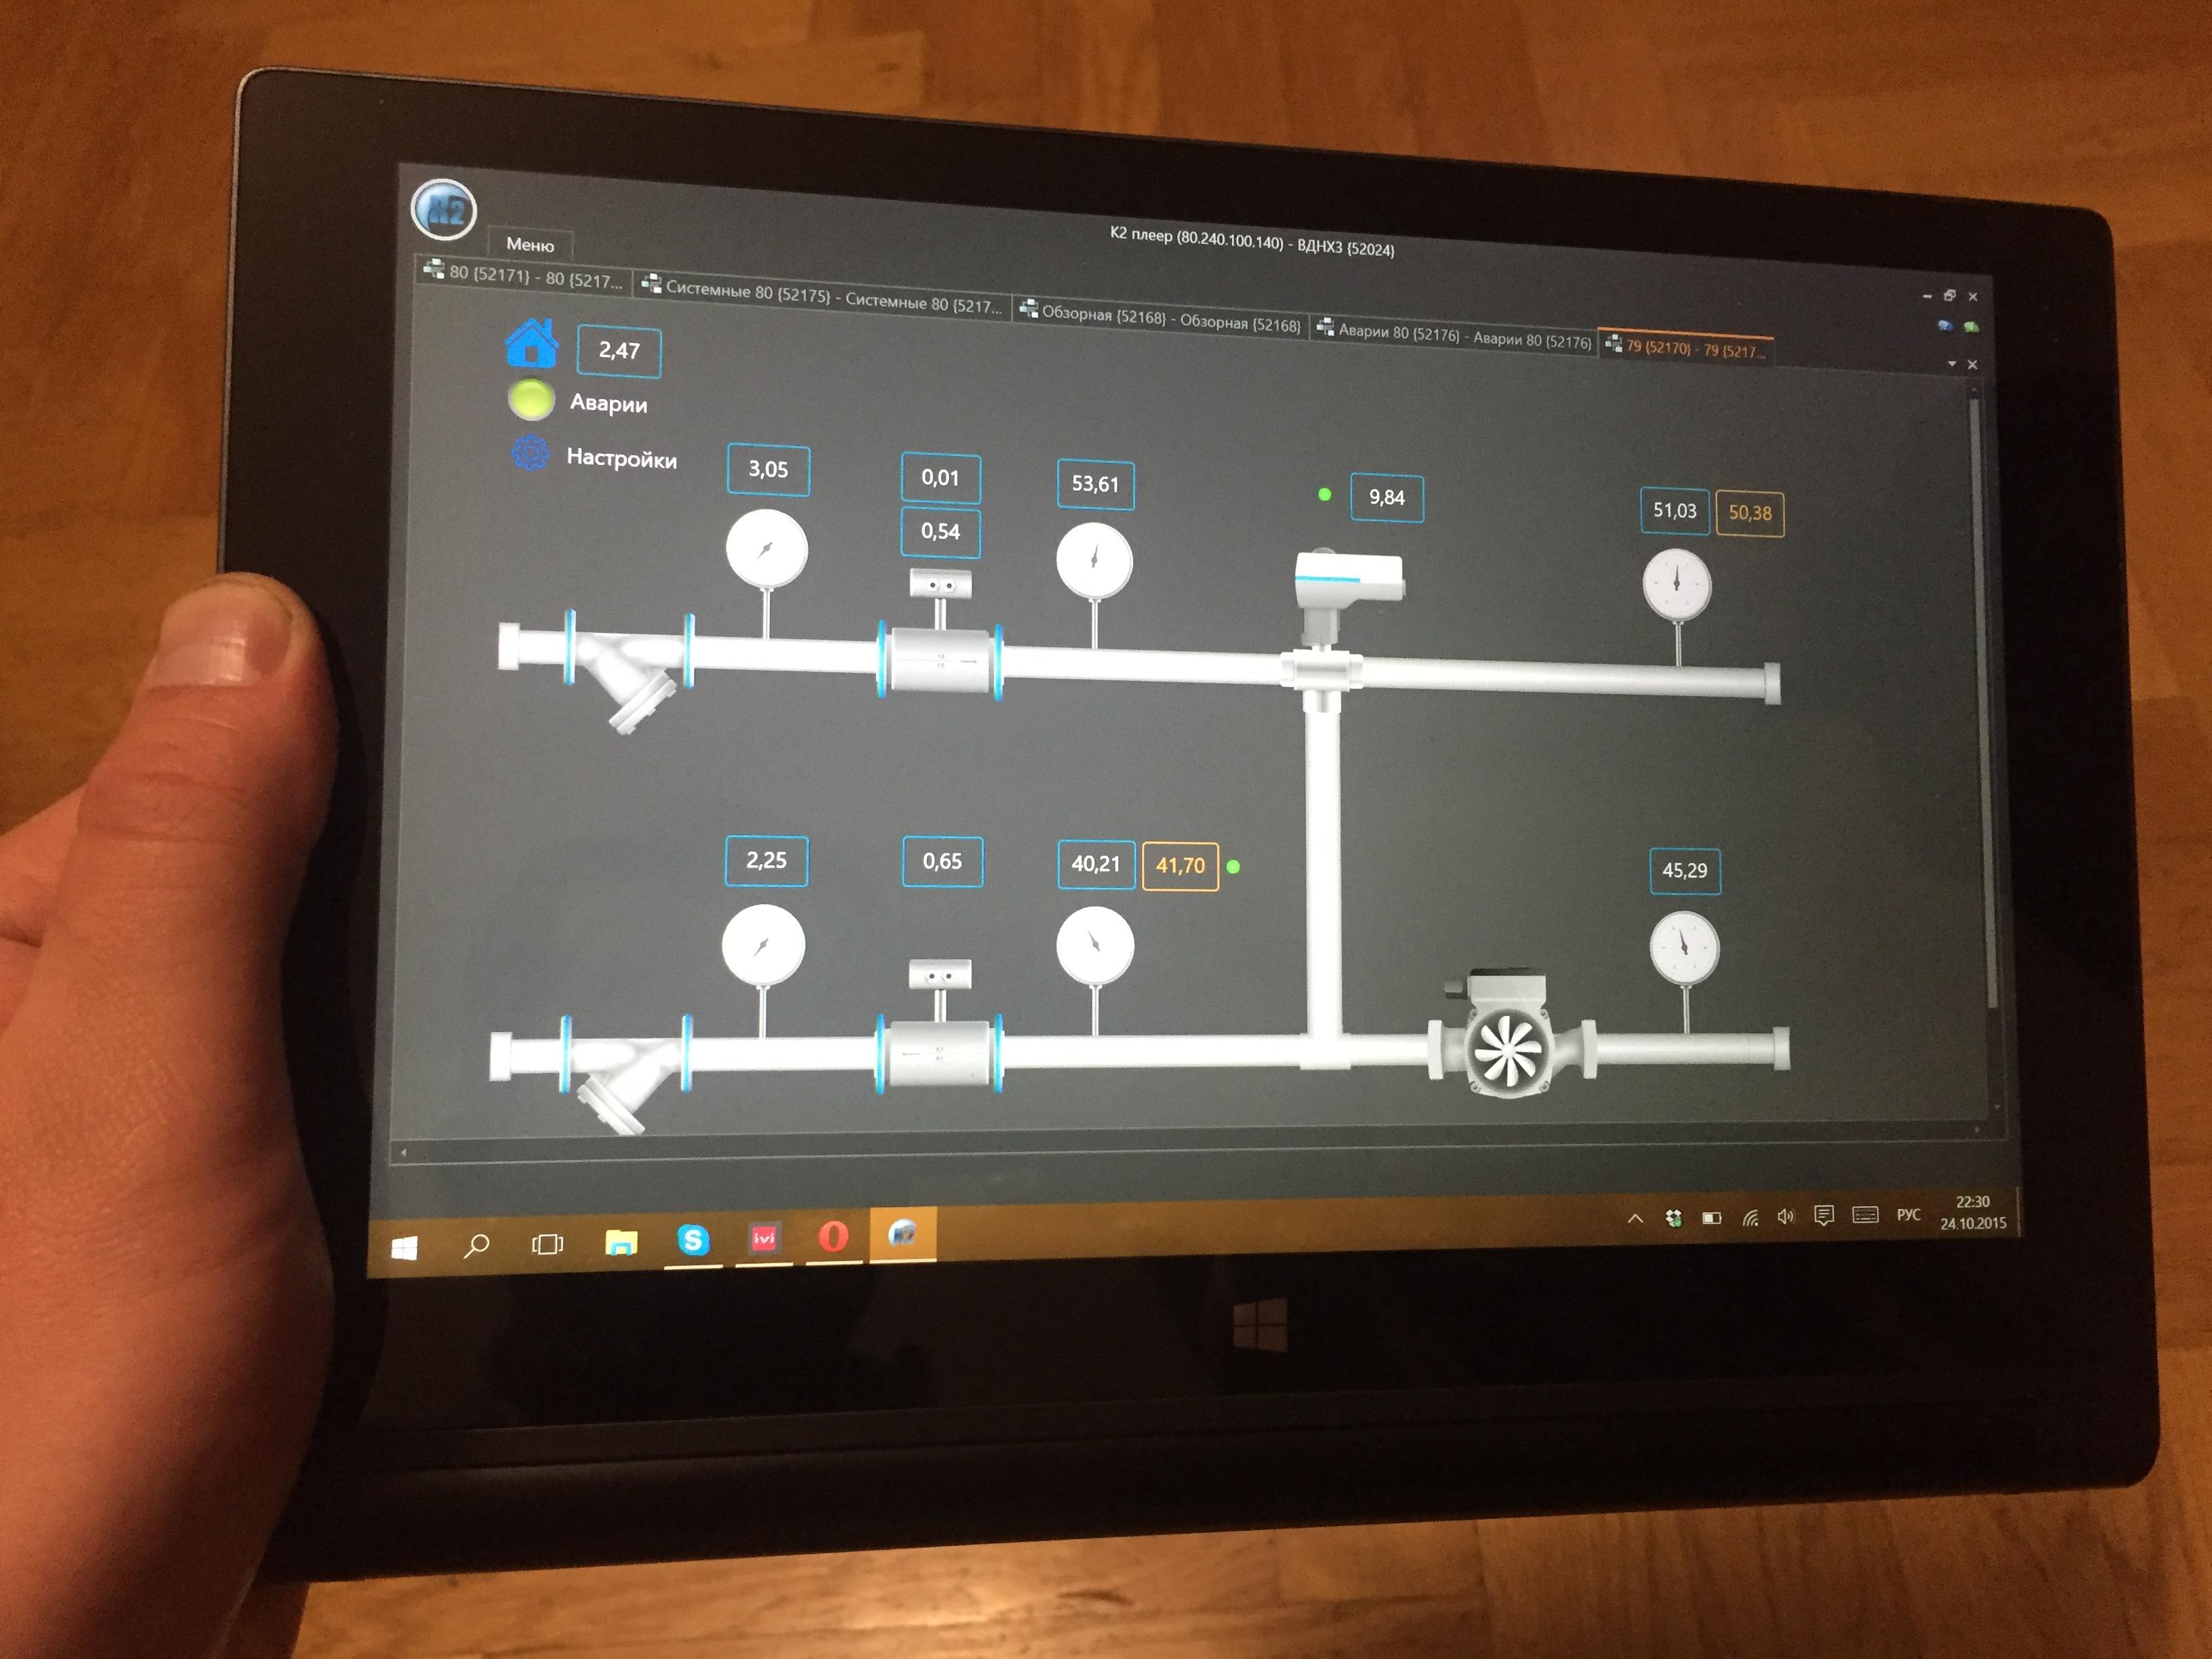 Окно диспетчеризации, можно открыть на любом устройстве под управлением Windows